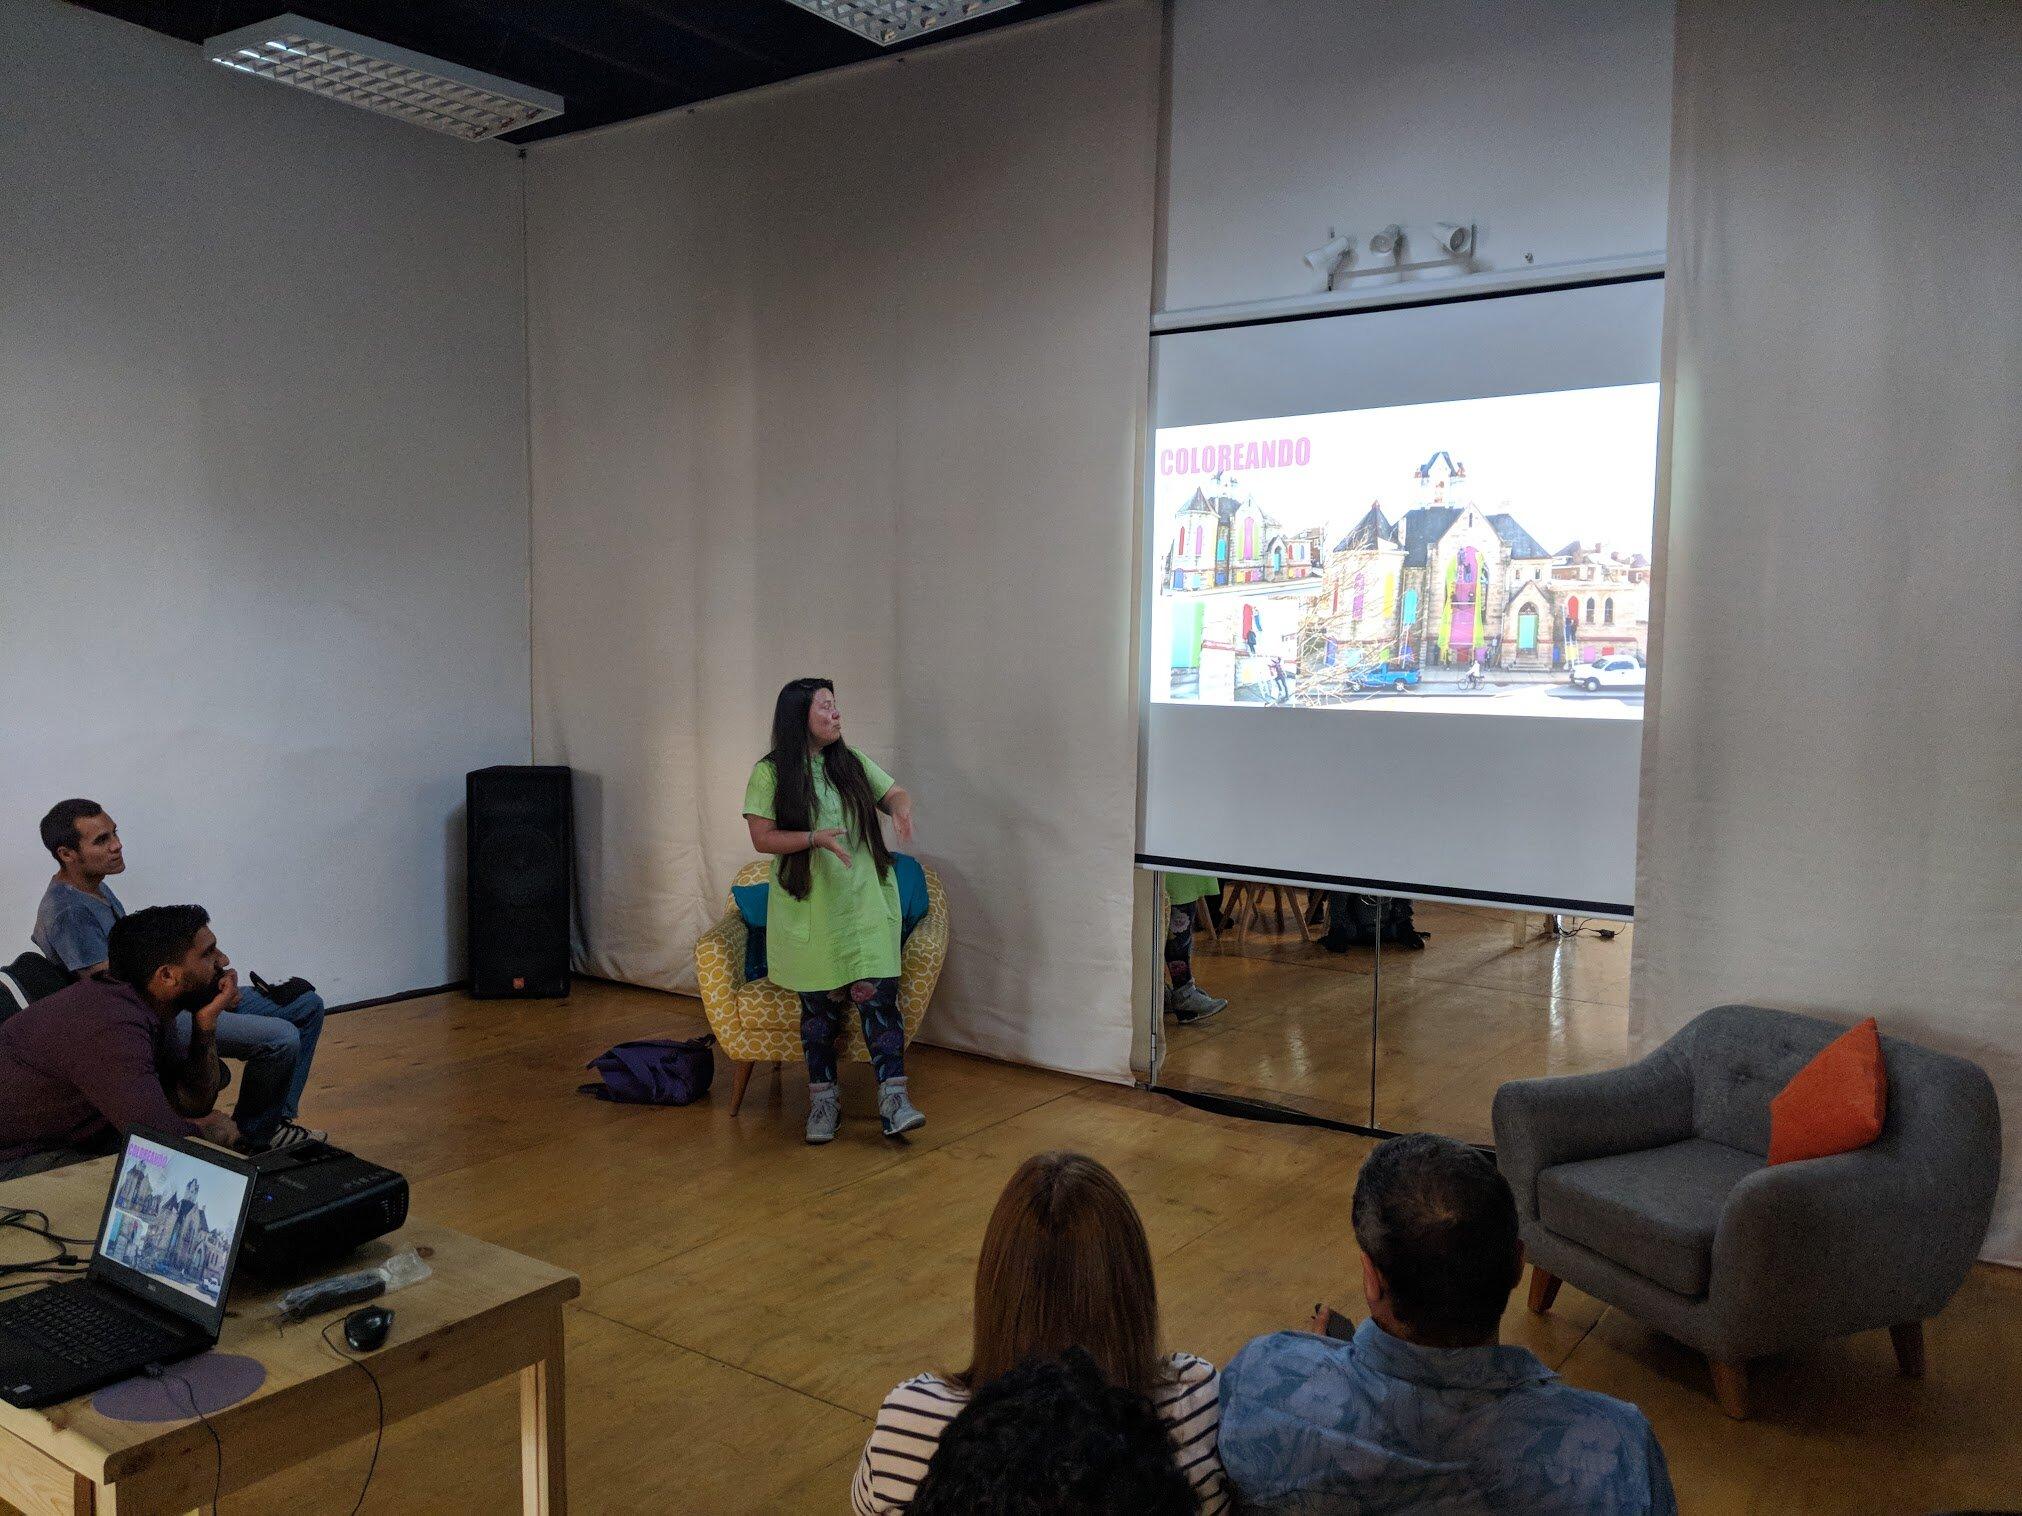 YAKU in Lima, Peru - 22 de Diciembre 2017 en la casa cultural Amaru, Barranco